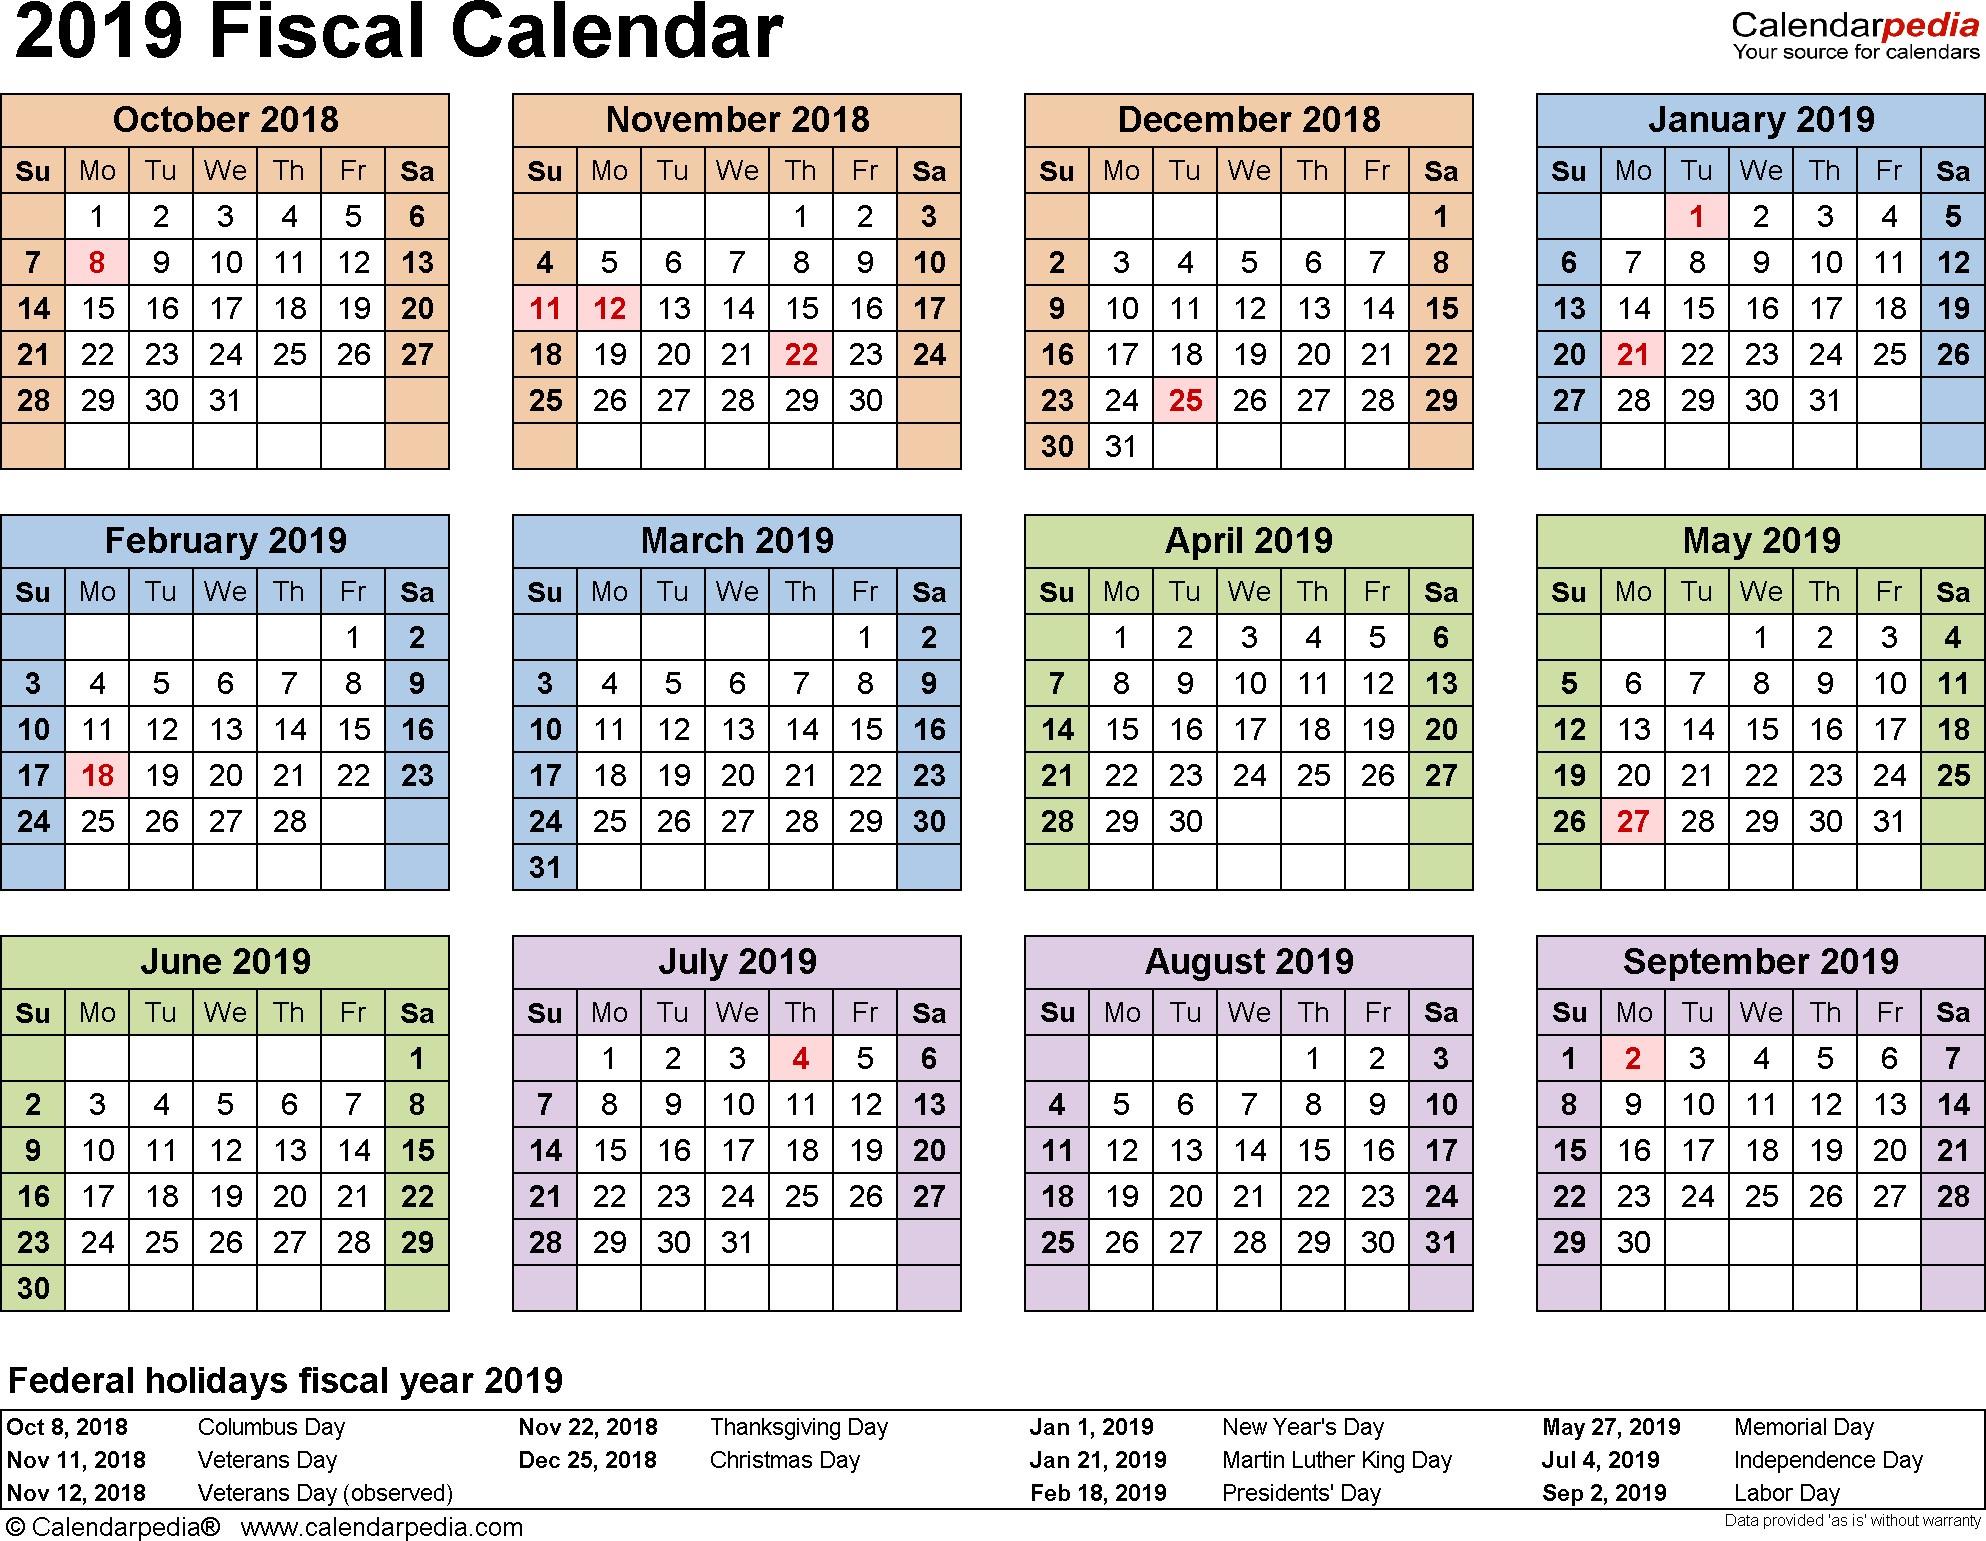 March 1 2019 Calendar Más Populares Fiscal Calendars 2019 as Free Printable Word Templates Of March 1 2019 Calendar Mejores Y Más Novedosos Romantyczny Kwiatowy Kalendarz Marca 2019 Ptakiem — Zdjęcie Stockowe